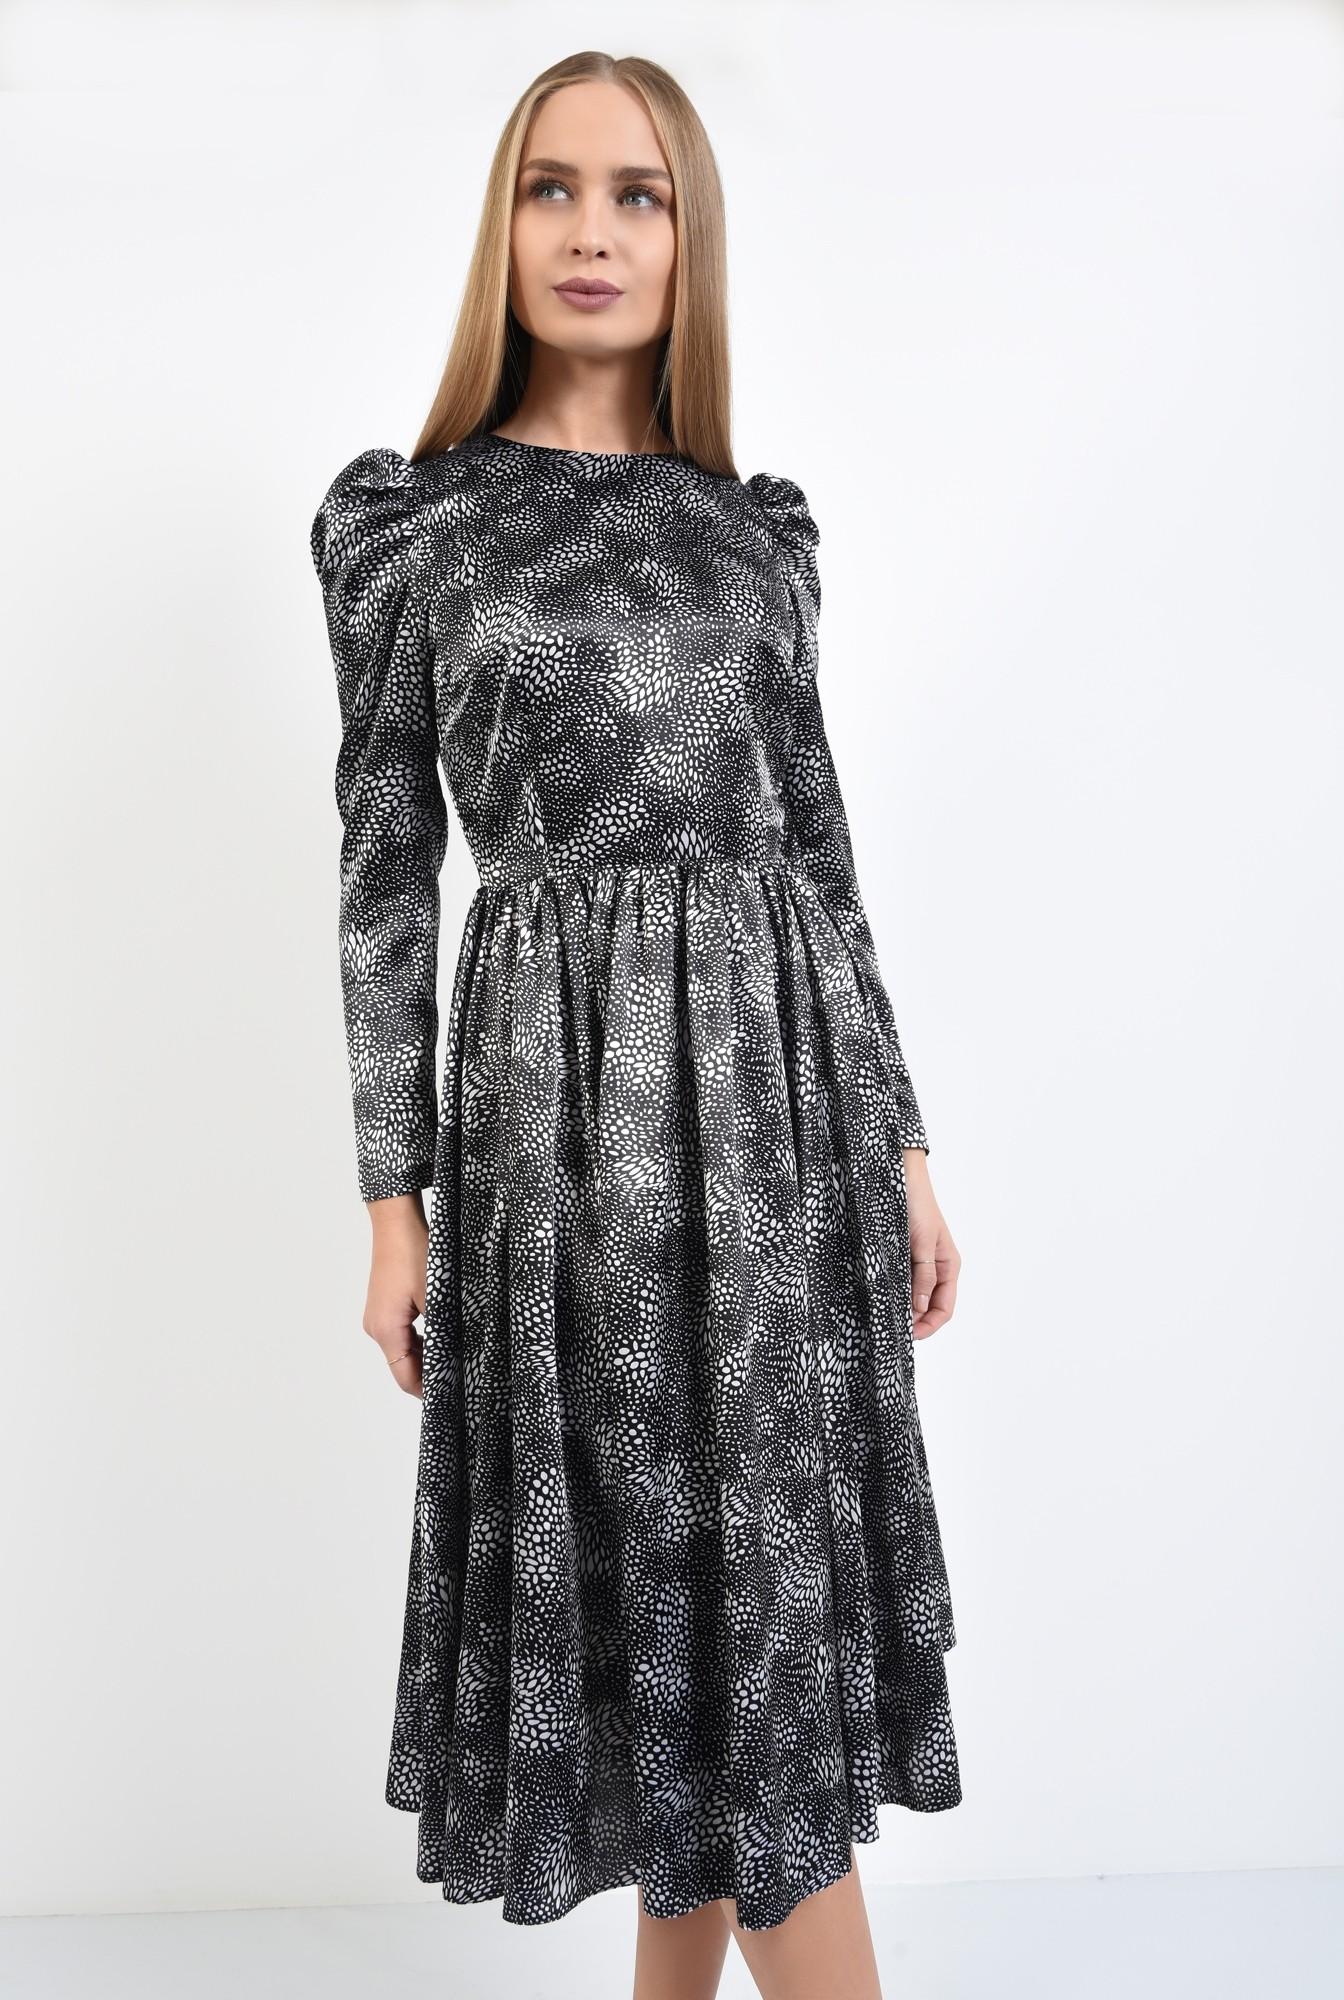 2 - rochie eleganta, clos, cusatura in talie, maneci lungi, satin imprimat